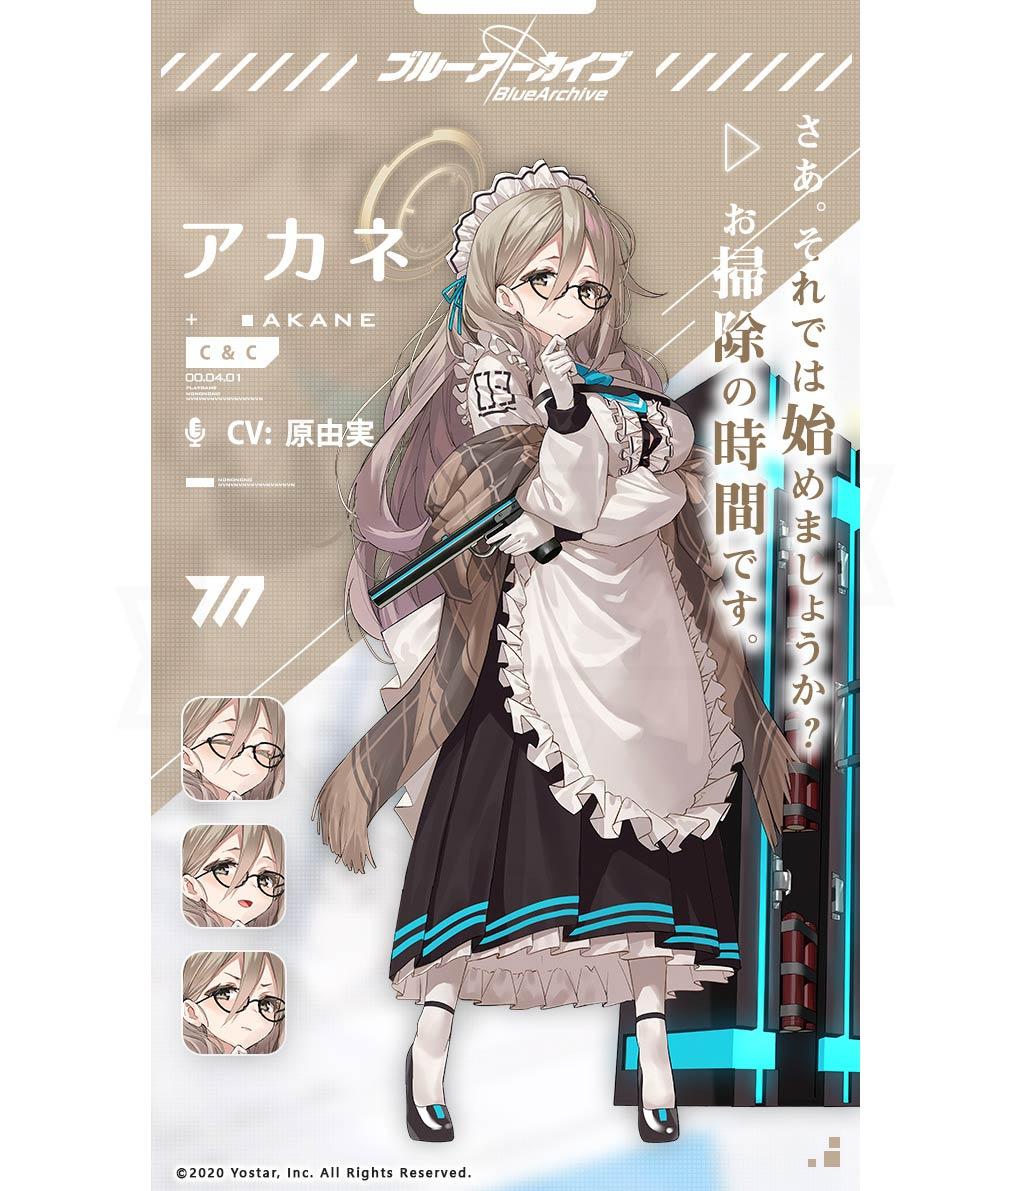 ブルーアーカイブ -Blue Archive-(ブルアカ) キャラクター『室笠 アカネ』紹介イメージ